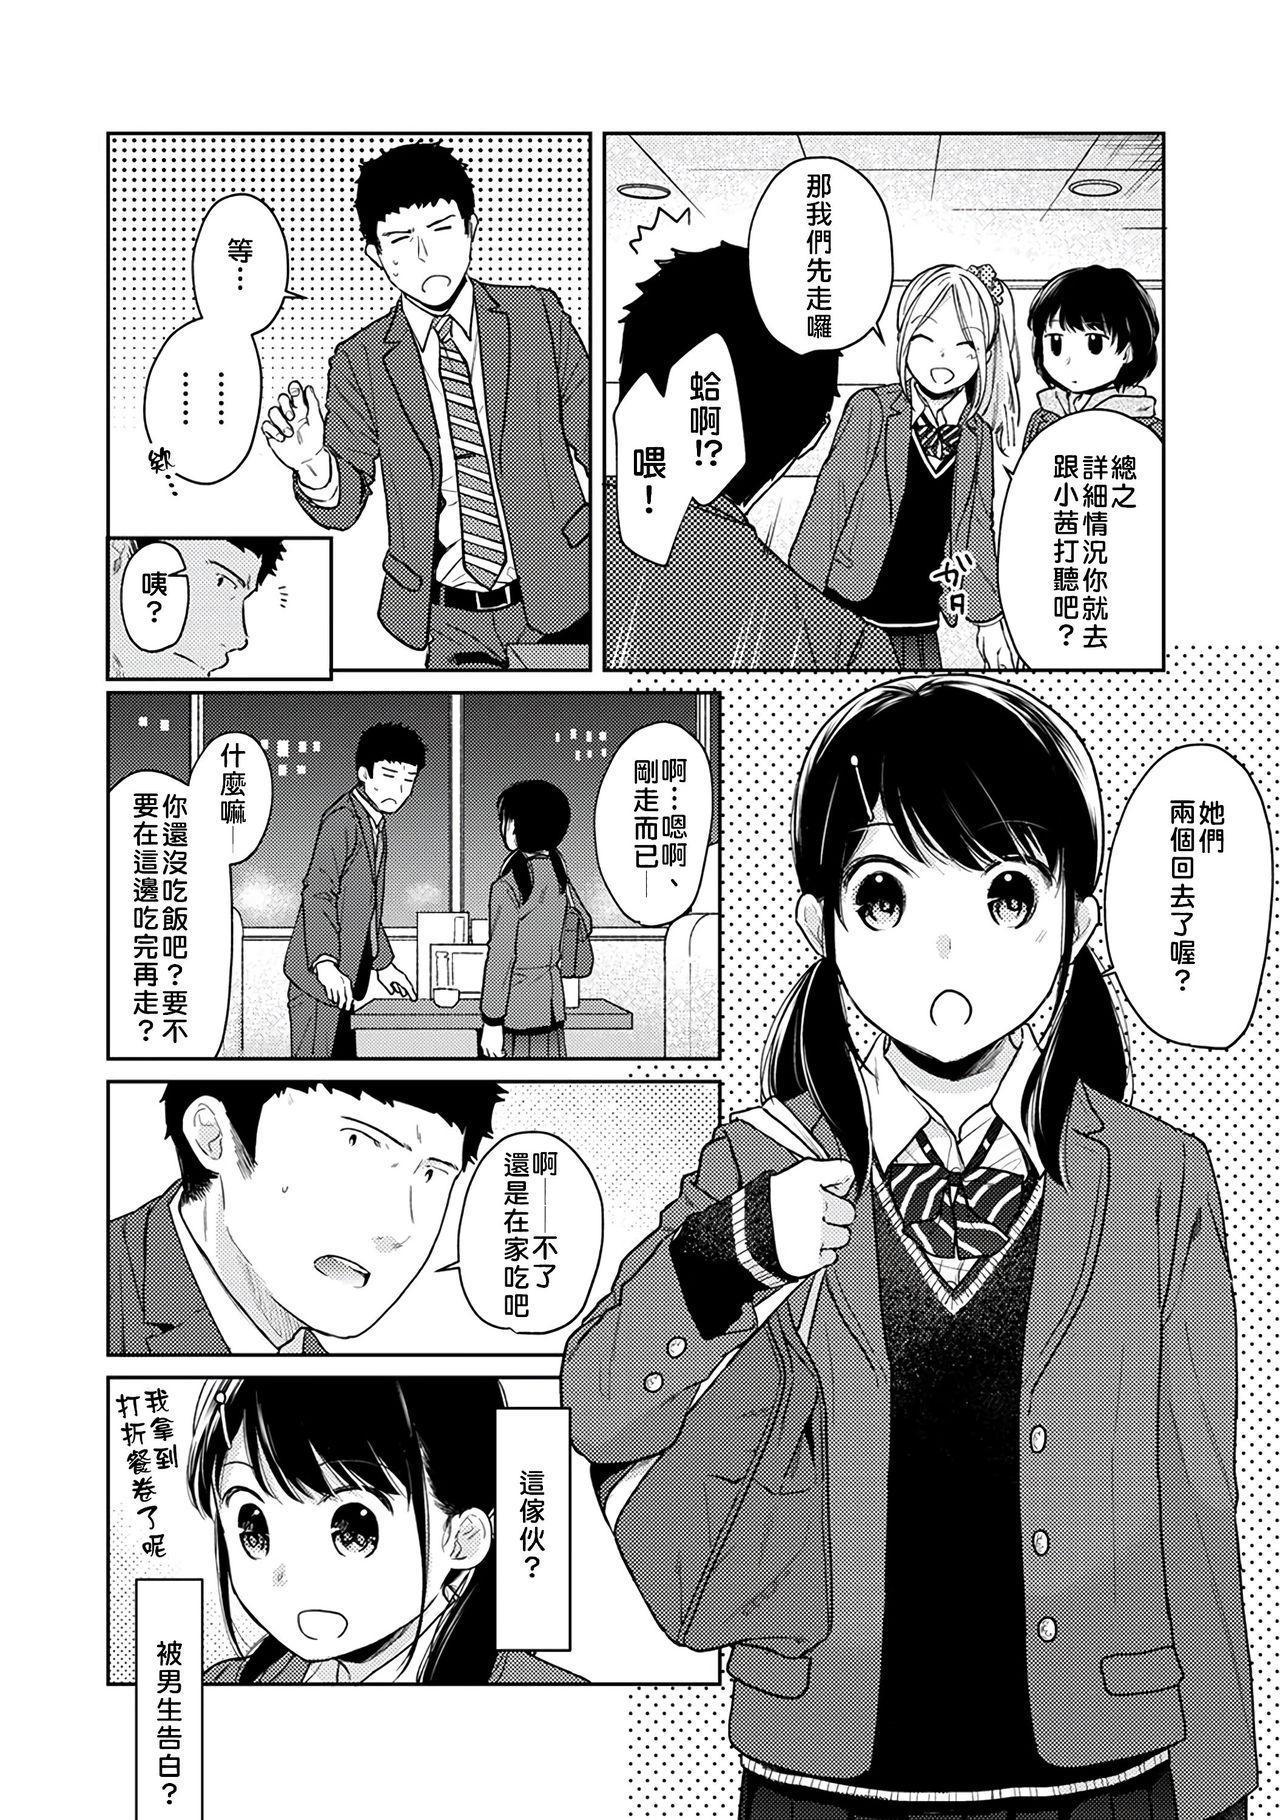 1LDK+JK Ikinari Doukyo? Micchaku!? Hatsu Ecchi!!?   1LDK+JK 突然間展開同居? 極度貼近!?初體驗!? Ch. 18-22 89